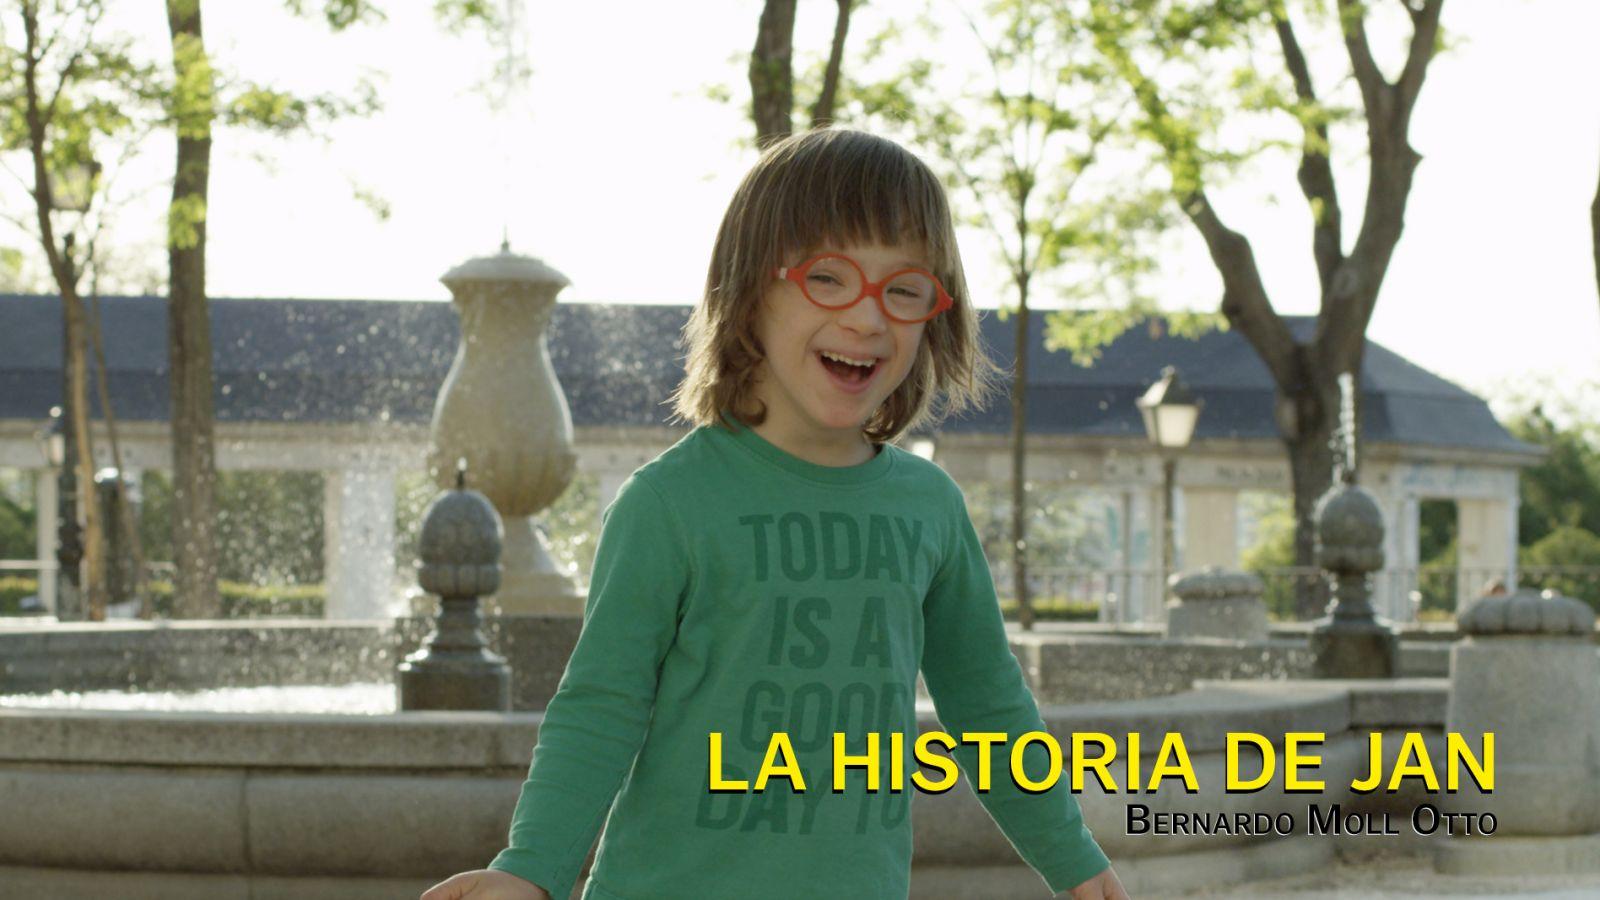 La historia de Jan, Bernardo Moll Olto